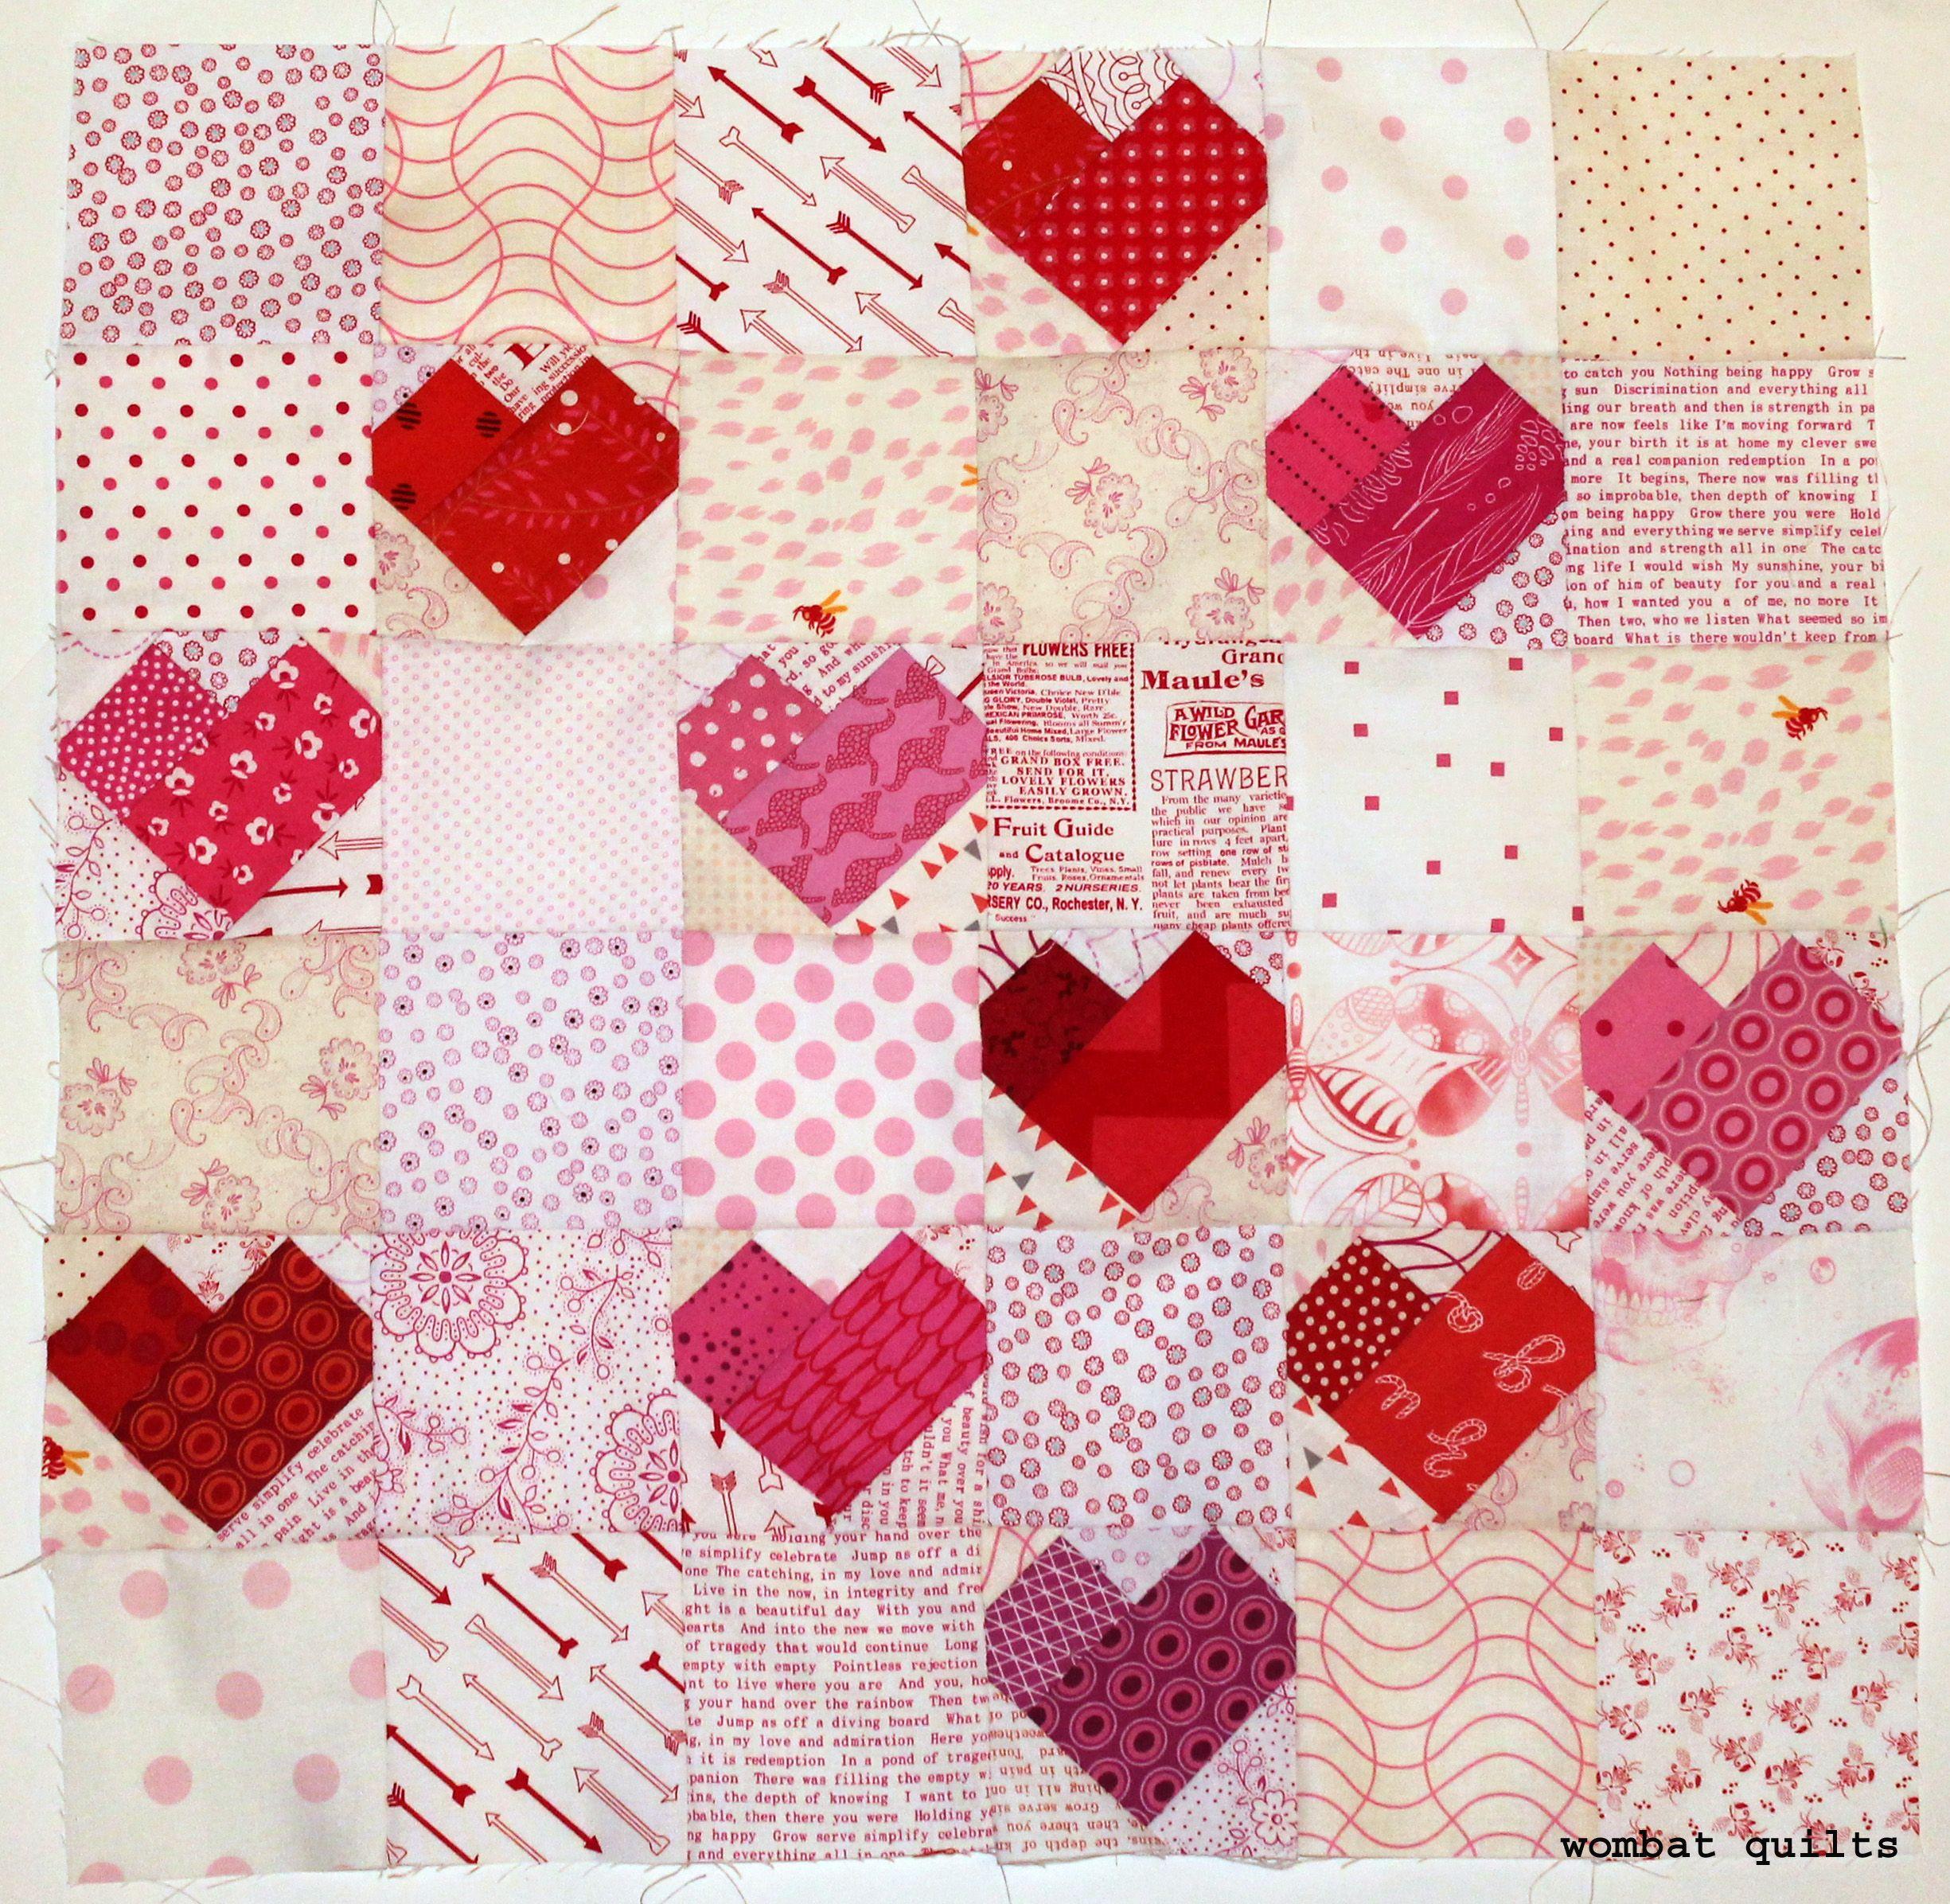 Sweet heart quilt block from Wombat Quilts | Quilt Inspiration ... : heart quilt blocks - Adamdwight.com